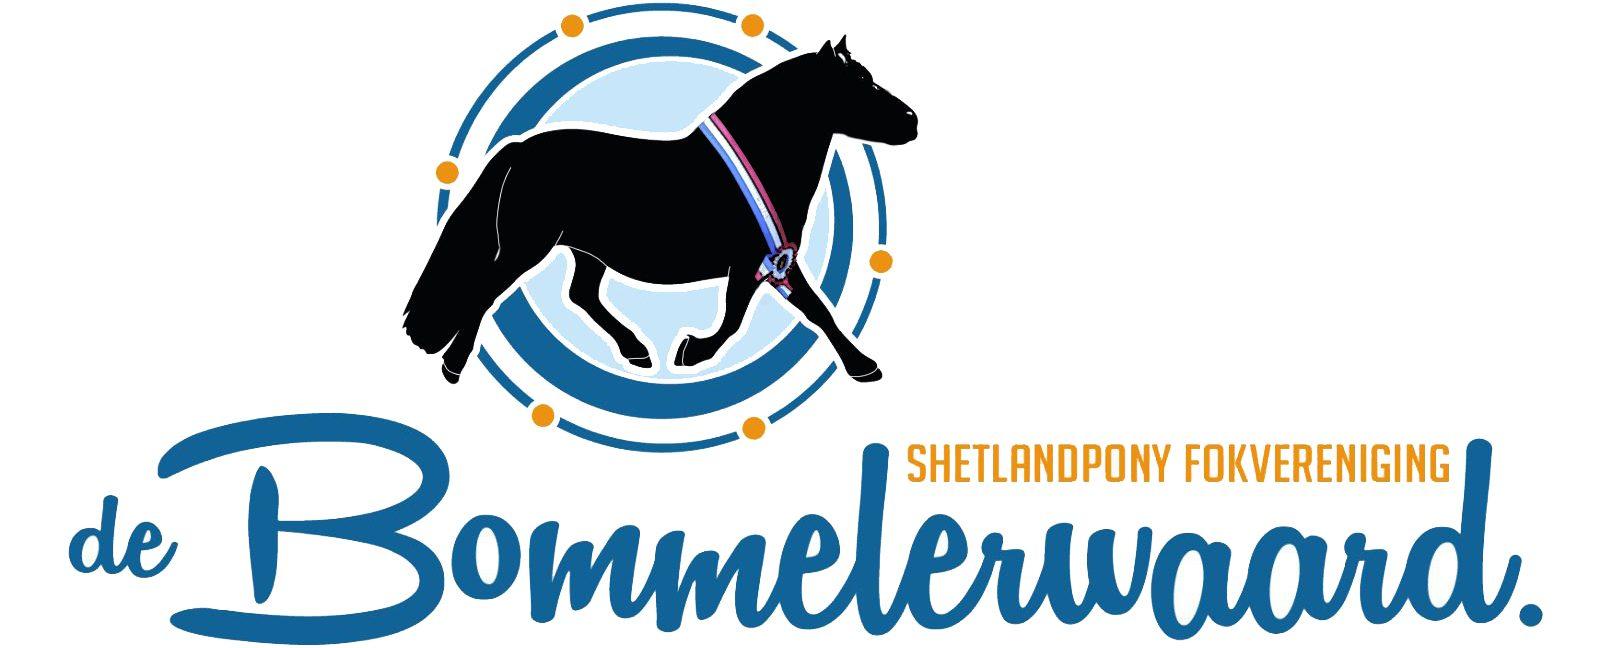 Ponyfokvereniging de Bommelerwaard